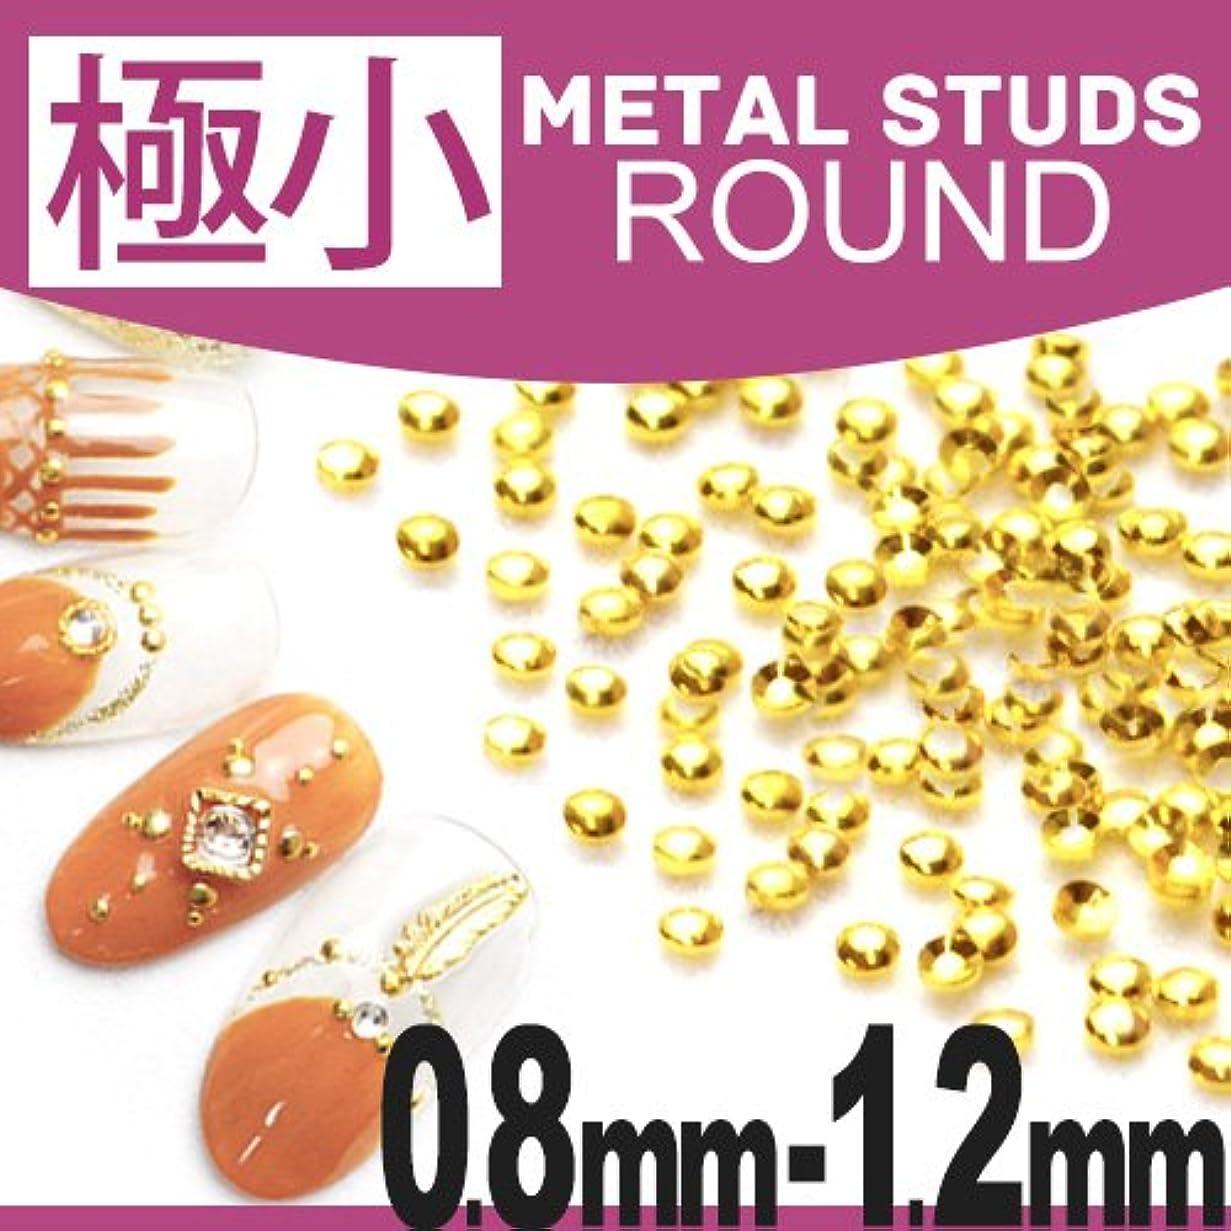 極小ラウンドメタルスタッズ 1.0mm[ゴールド] メタルパーツ ジェルネイル